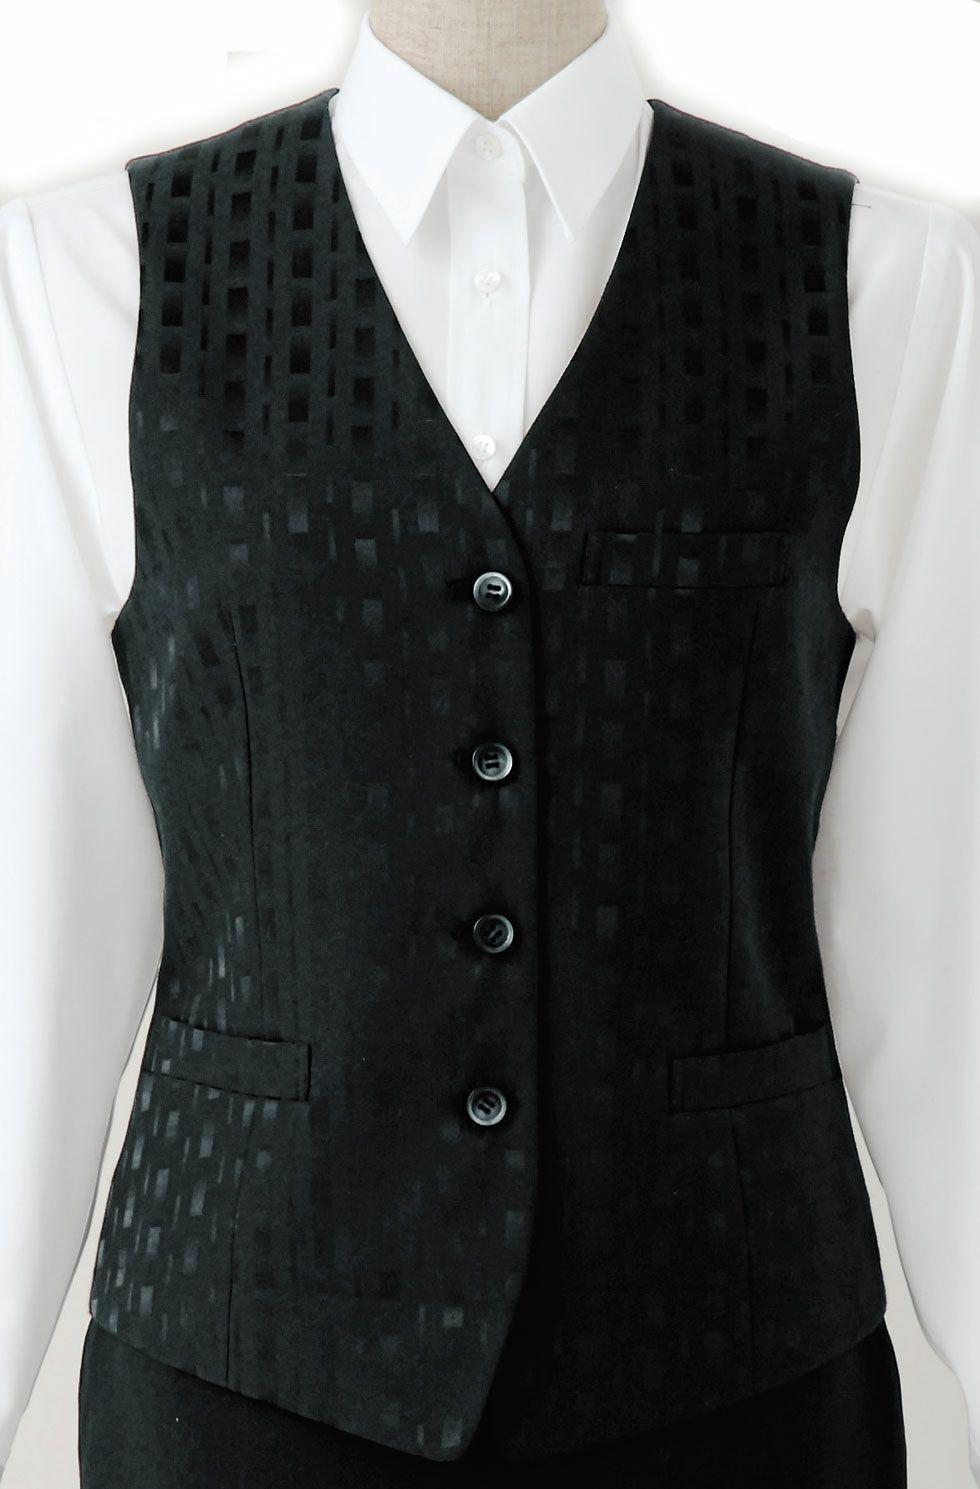 ブラック/竹の織柄がおしゃれでかっこいい高級レディース黒ベスト